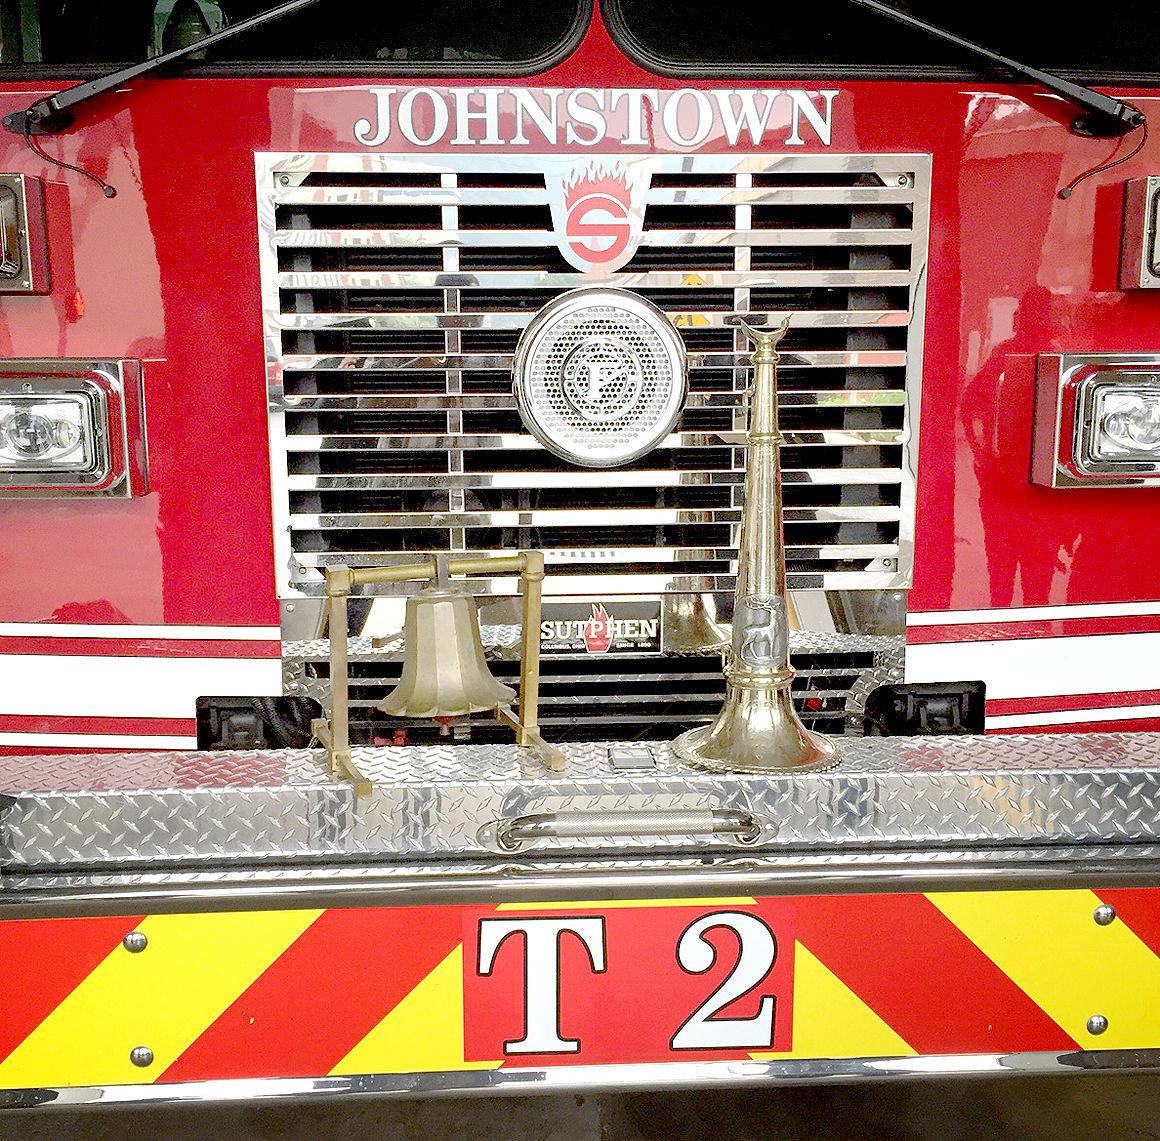 Johnstown fire bell